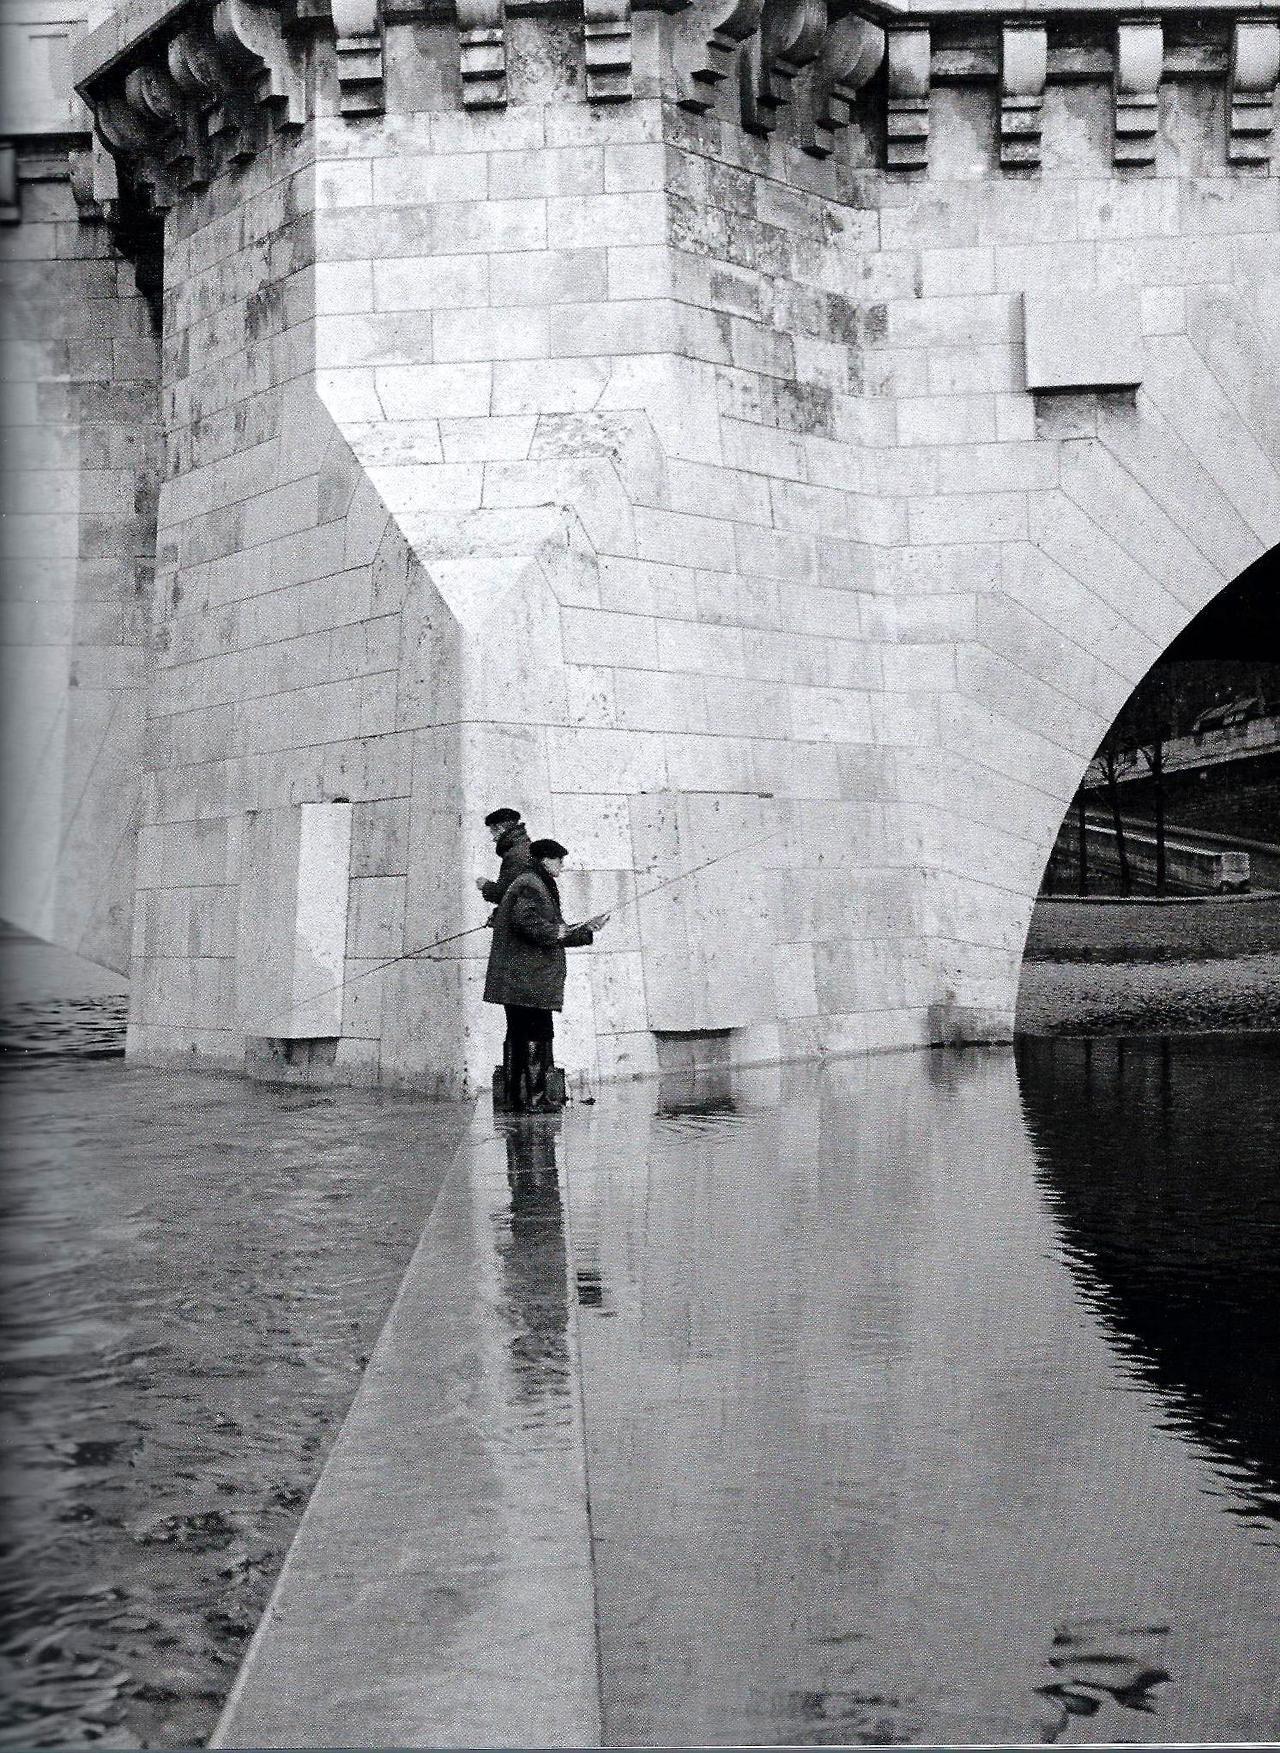 Pont de la Tournelle Paris 1951 Robert Doisneau